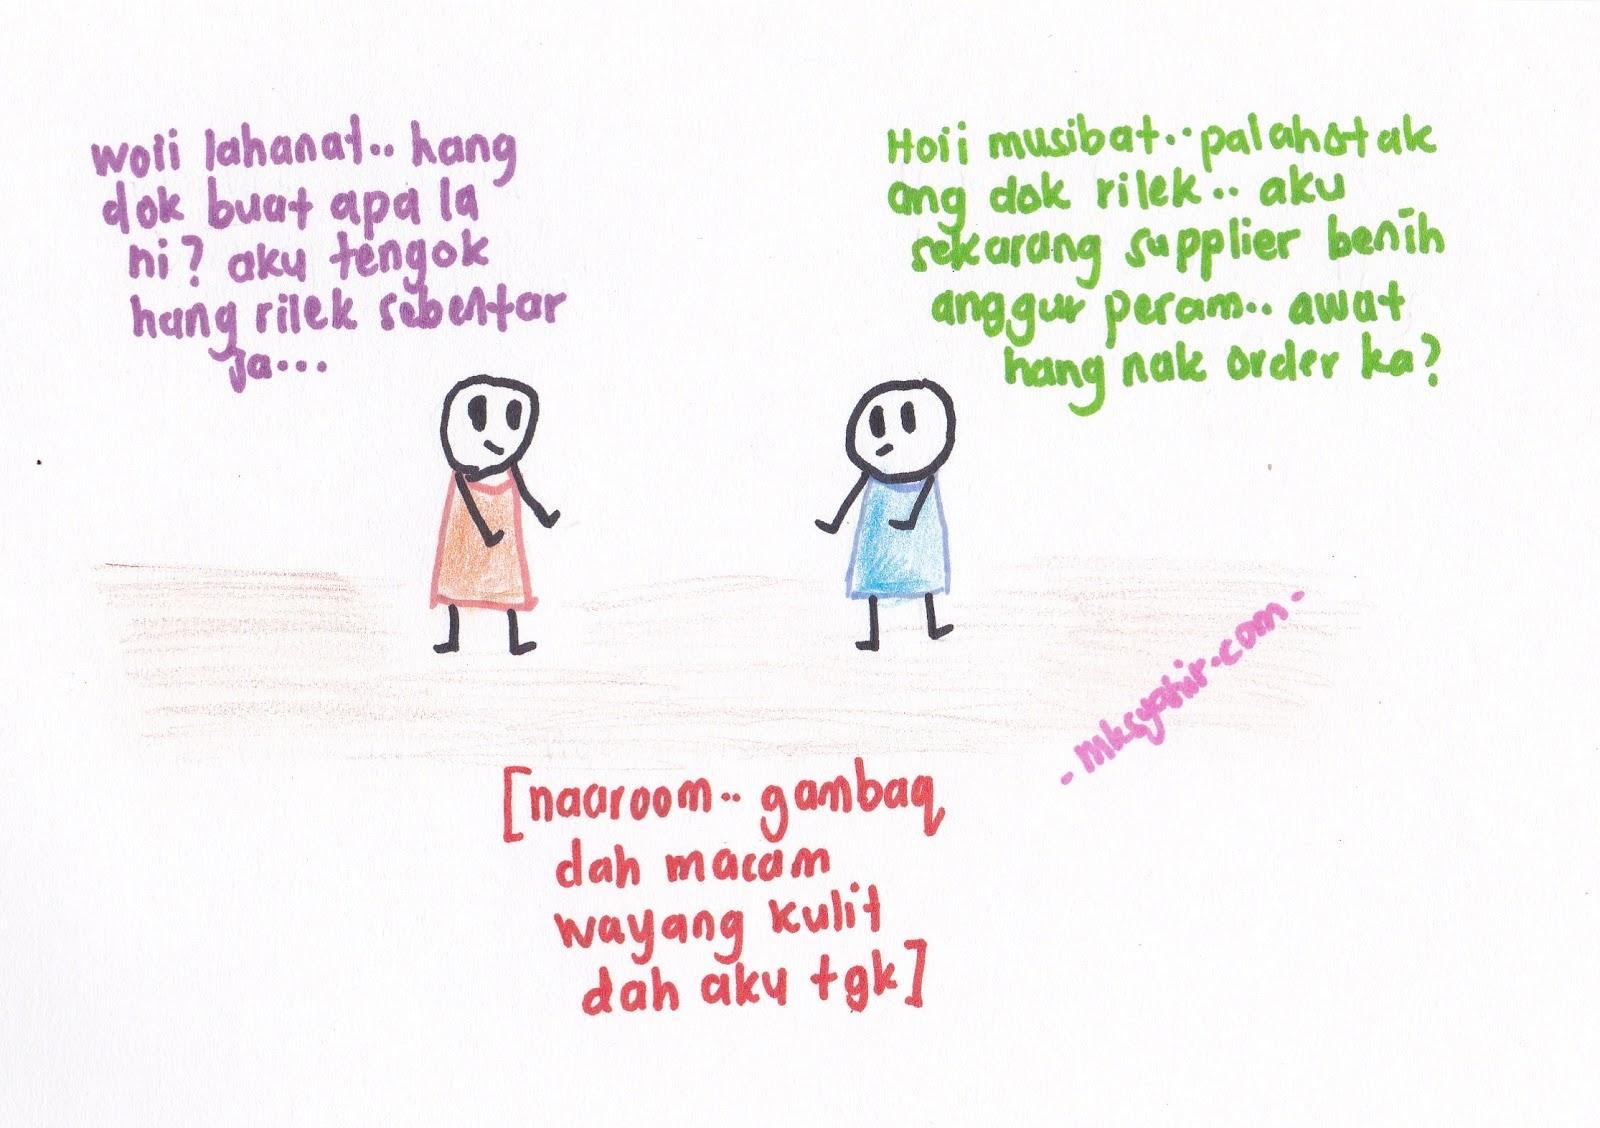 3Gp Bokep1600. Download Kumpulan Bokep. View Original . [Updated on 11 ...